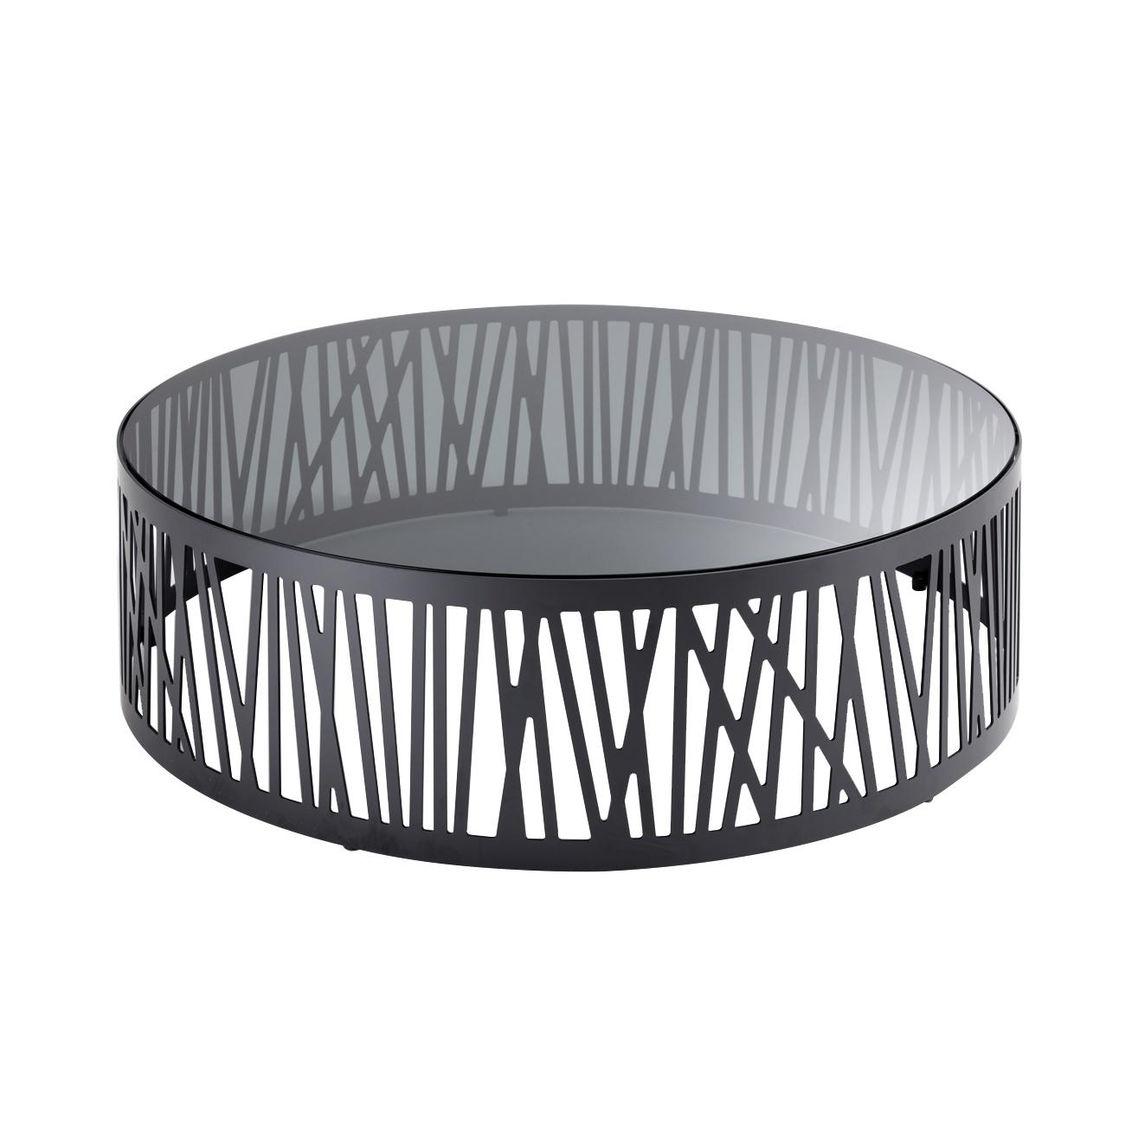 rolf benz 8330 table basse 80cm rolf benz. Black Bedroom Furniture Sets. Home Design Ideas